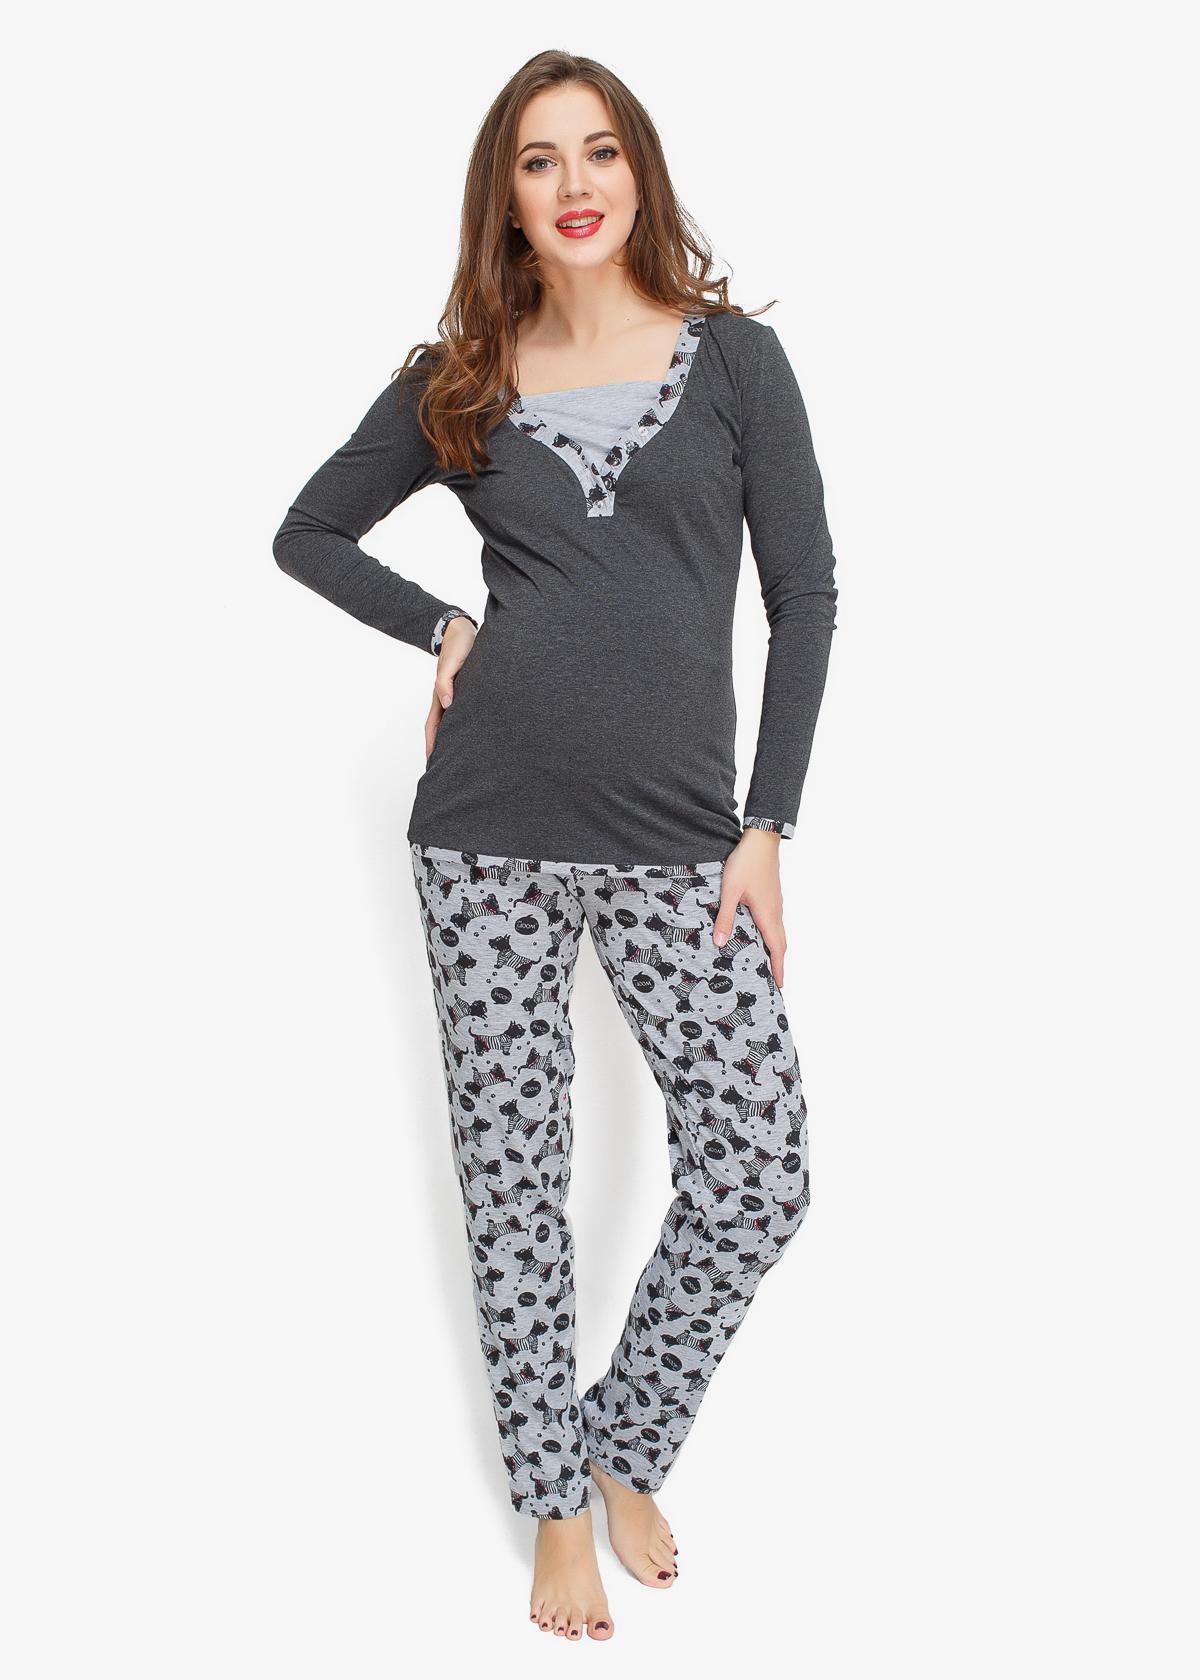 Фото: модная одежда, пижама для беременных и кормящих Happy Dogs